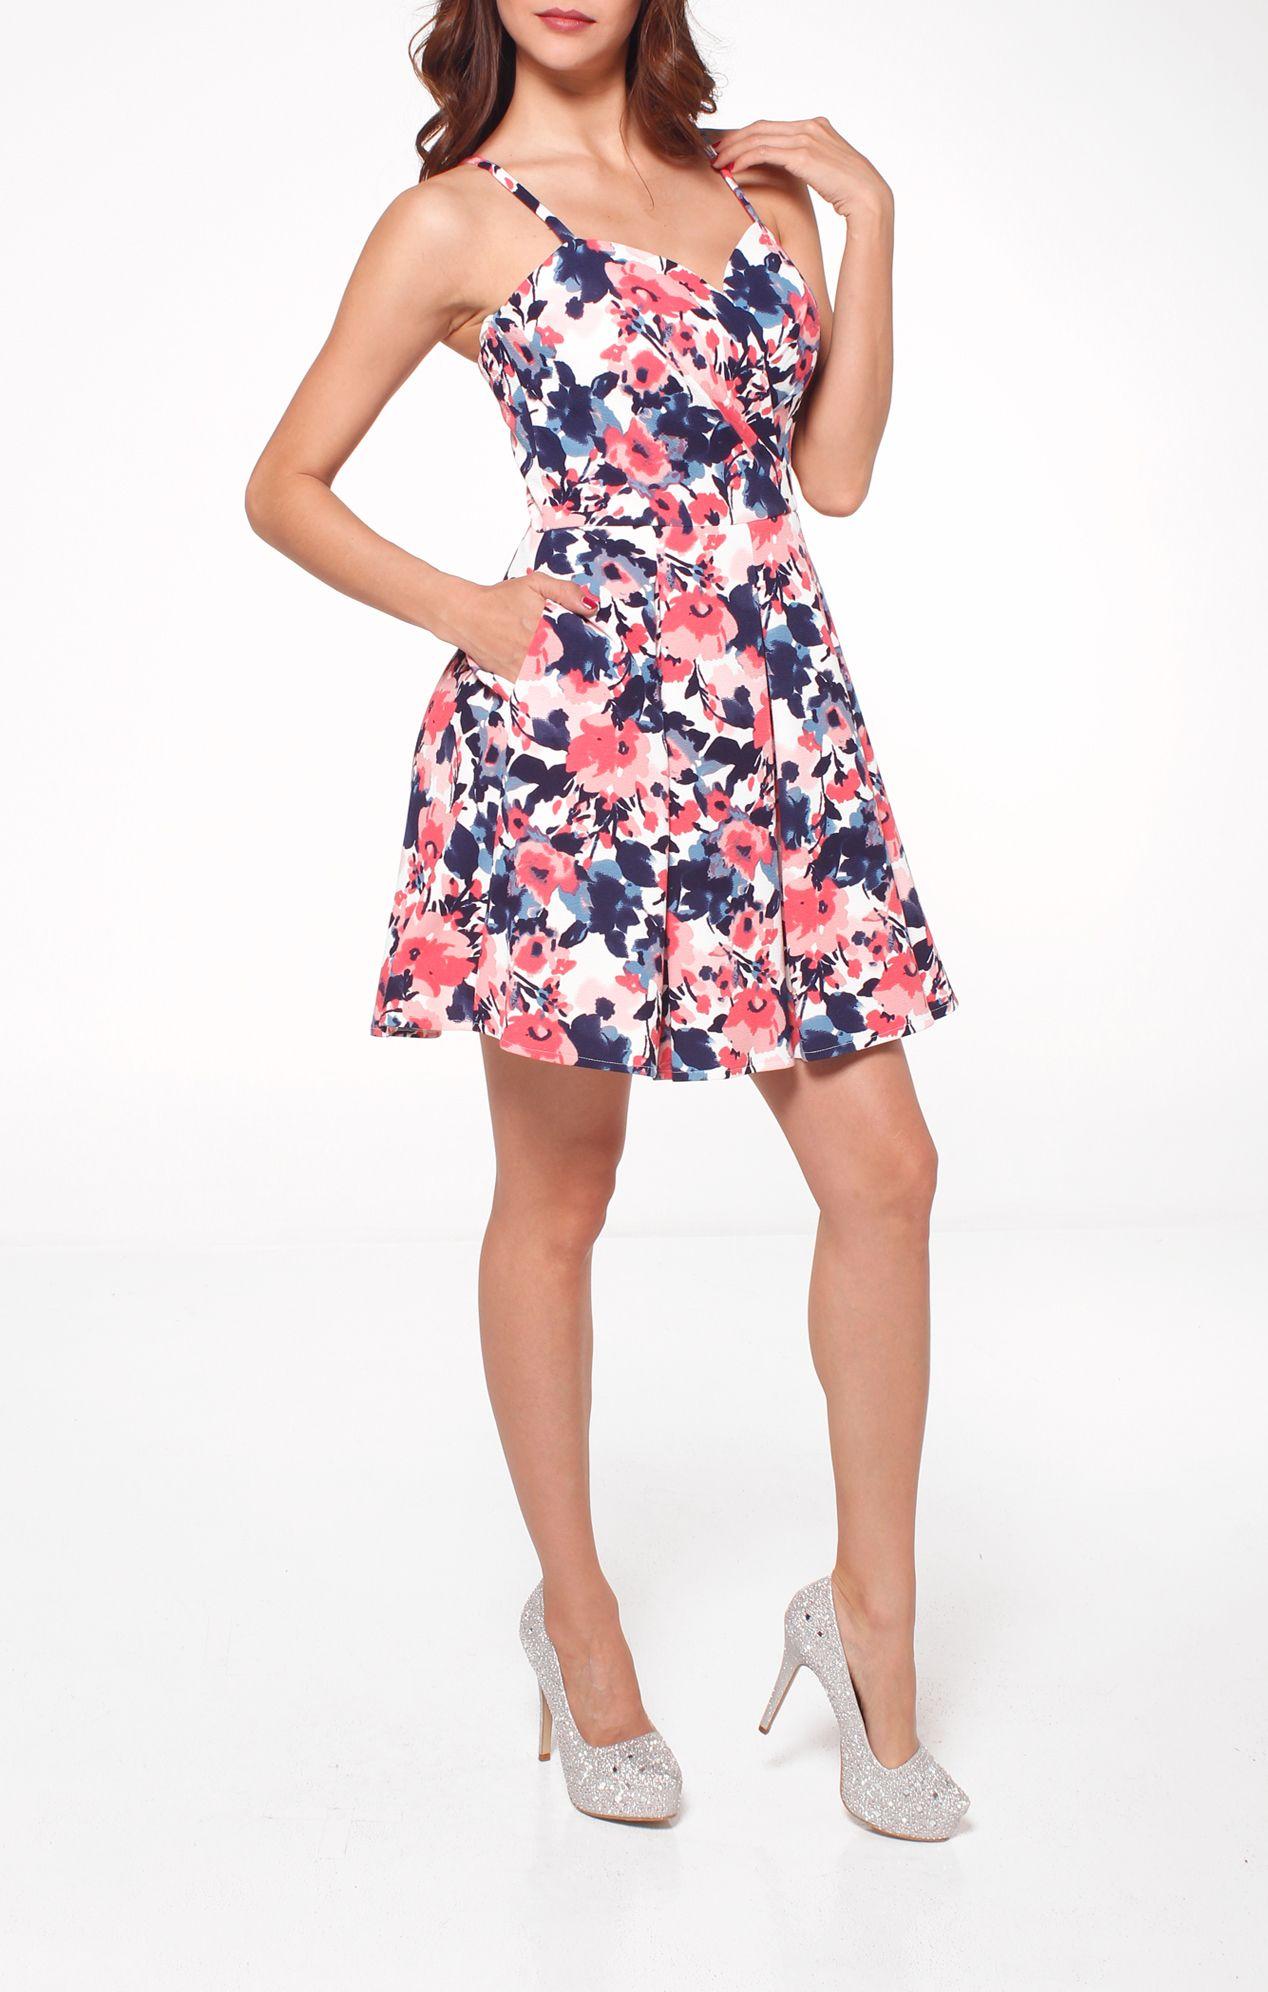 8238046e54 VESTIDO CORTO ESTAMPADO EN FLORES. Vestido corto con estampado en flores  rosas